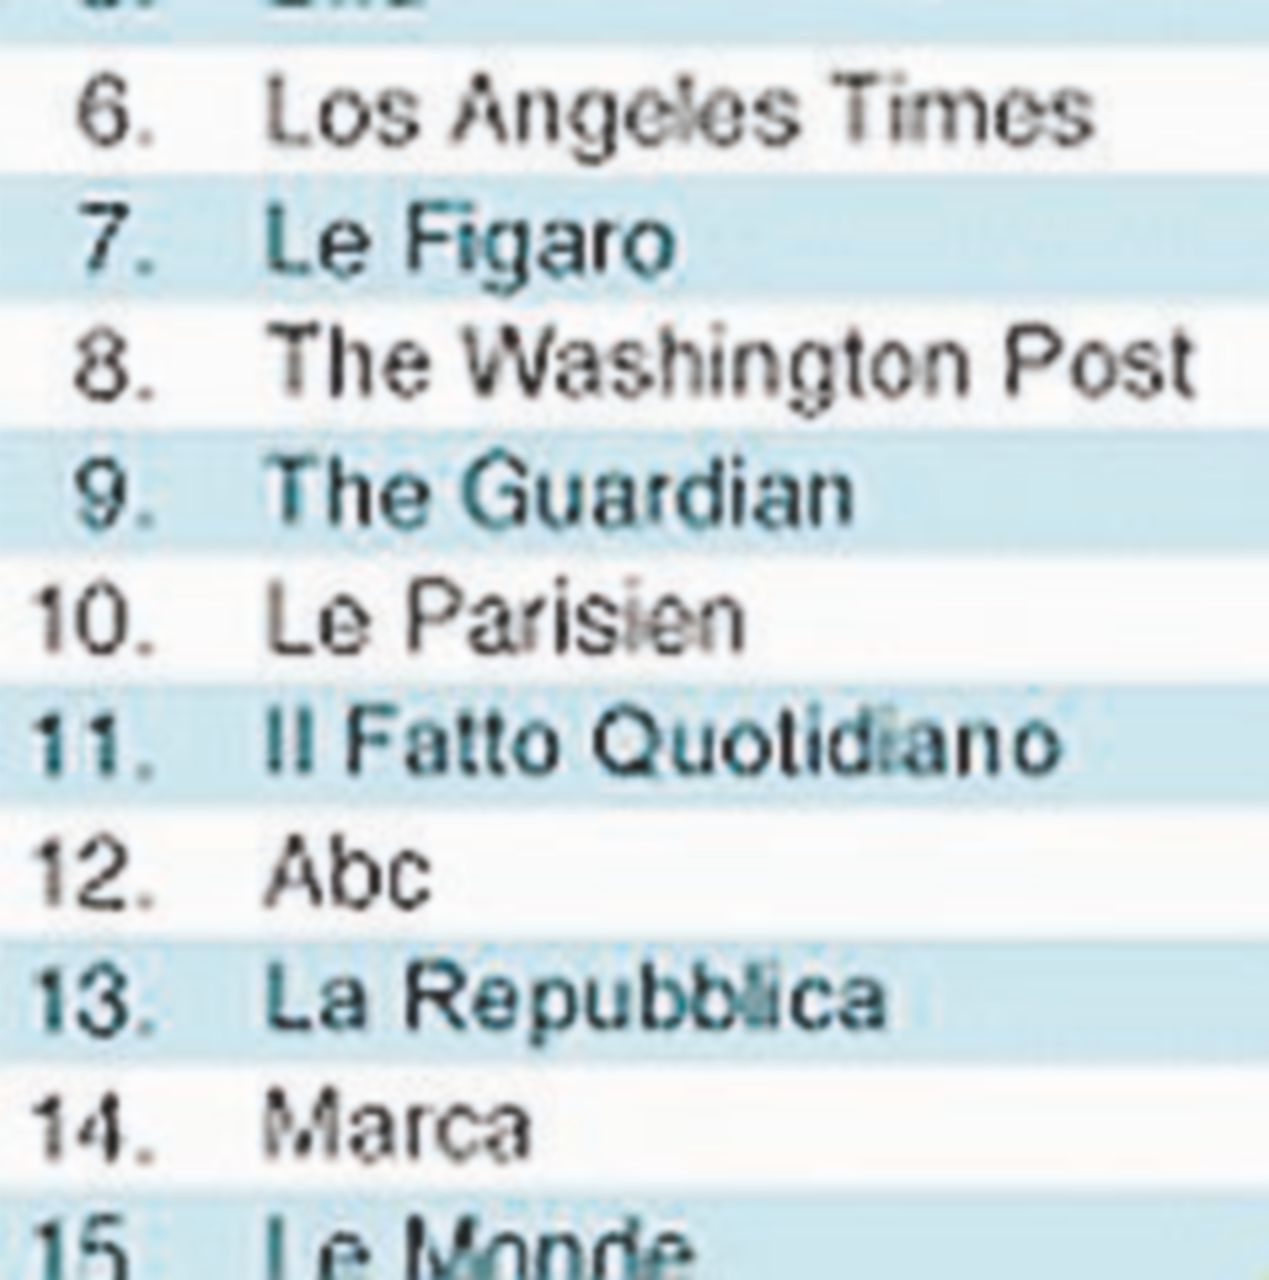 Classifica Facebook Top Newspapers 2017: il Fatto primo tra gli italiani